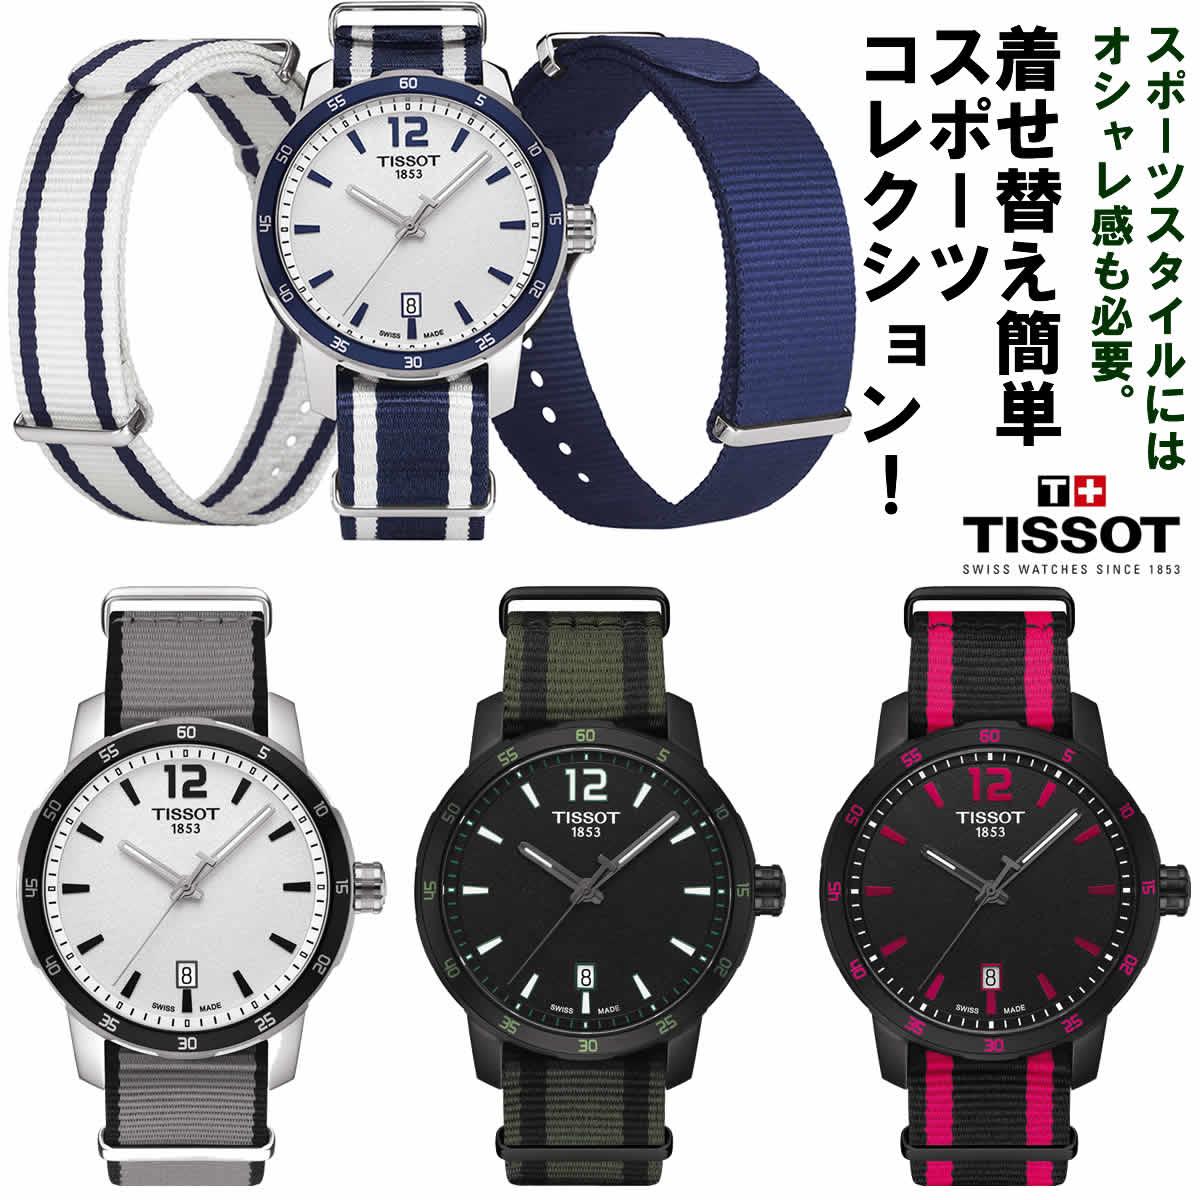 ティソ 時計 TISSOT QUICKSTER 腕時計